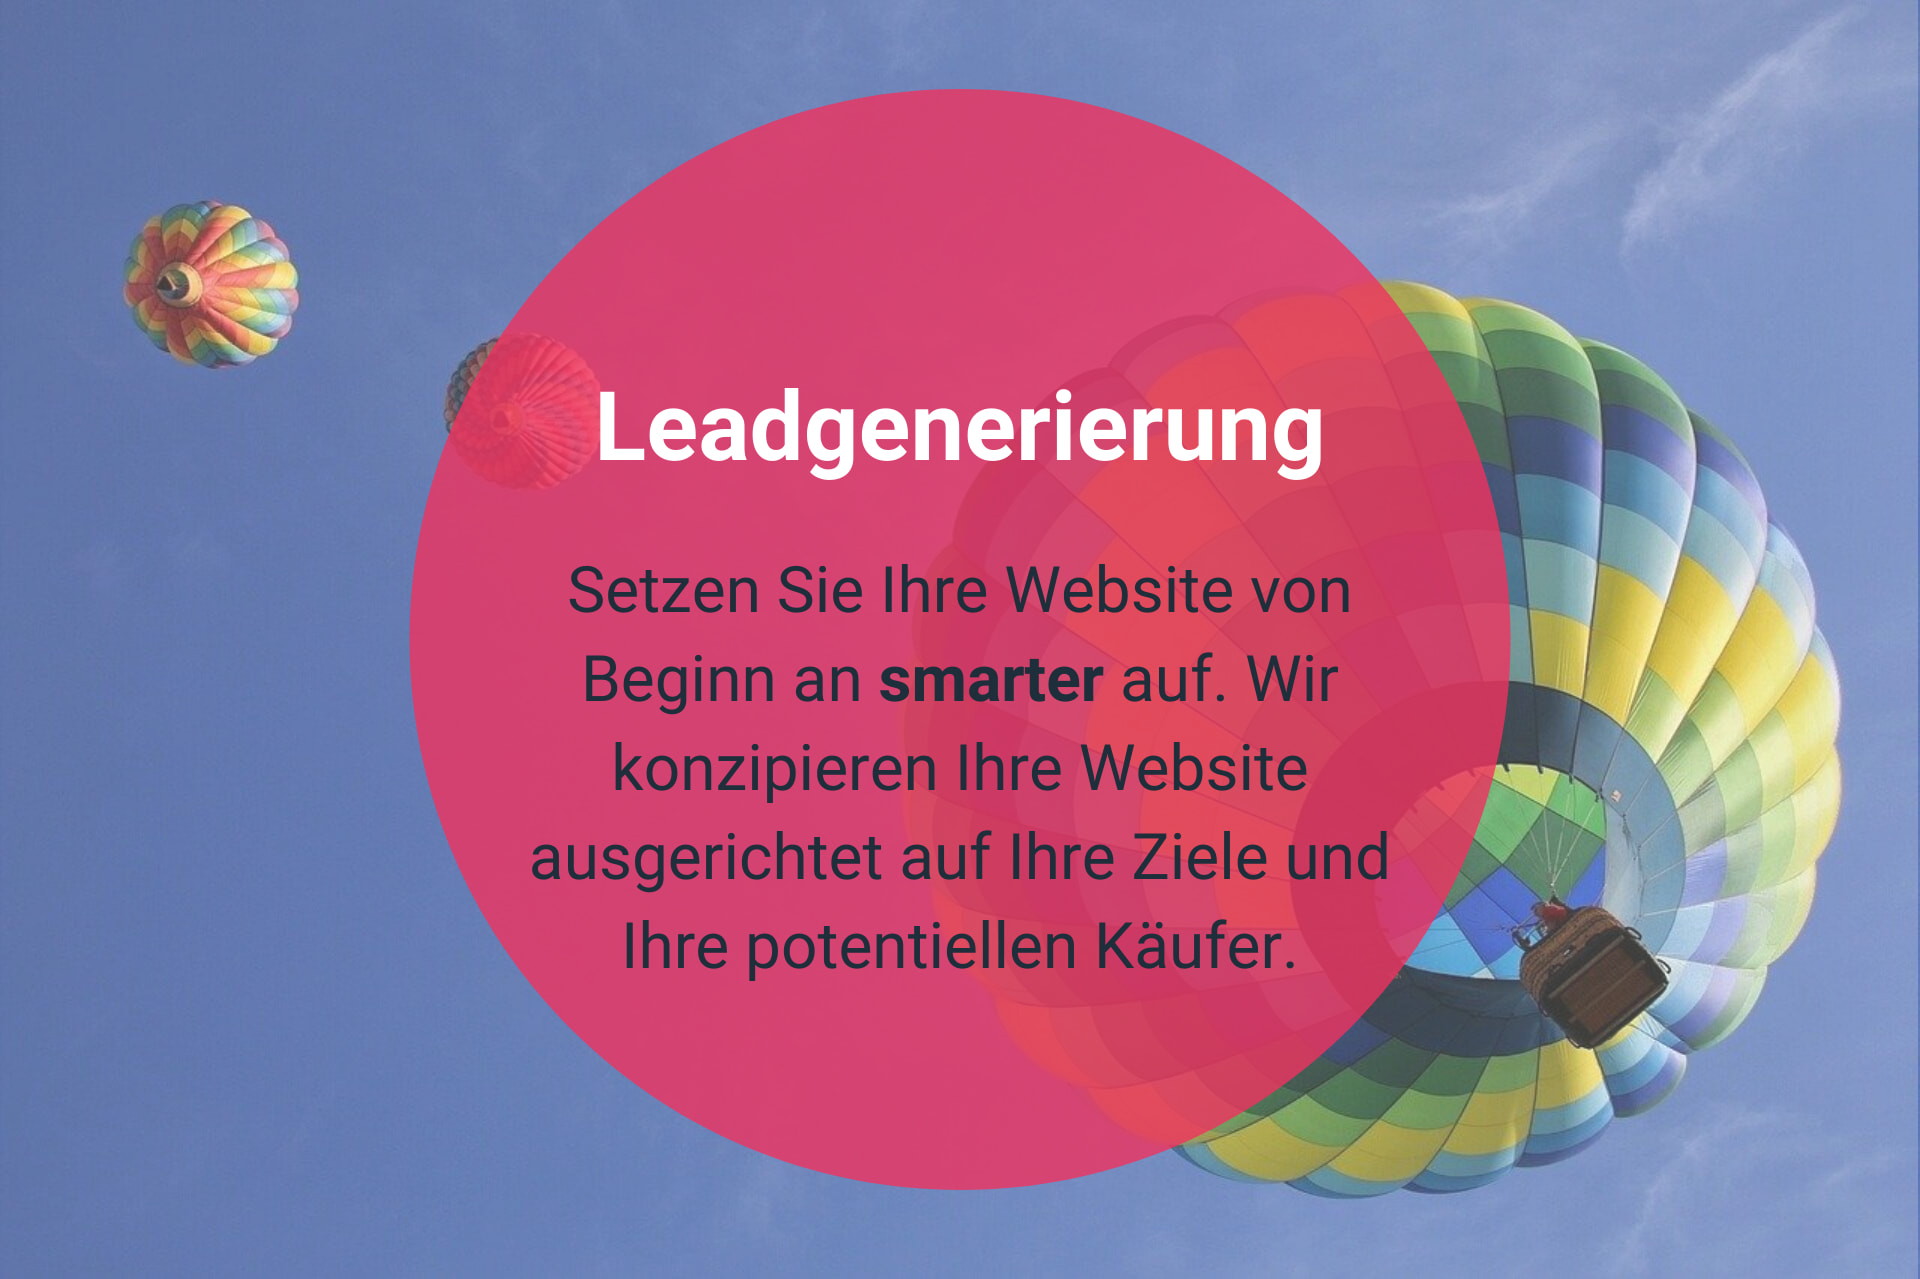 Leadgenerierung durch chocoBRAIN-Marketing